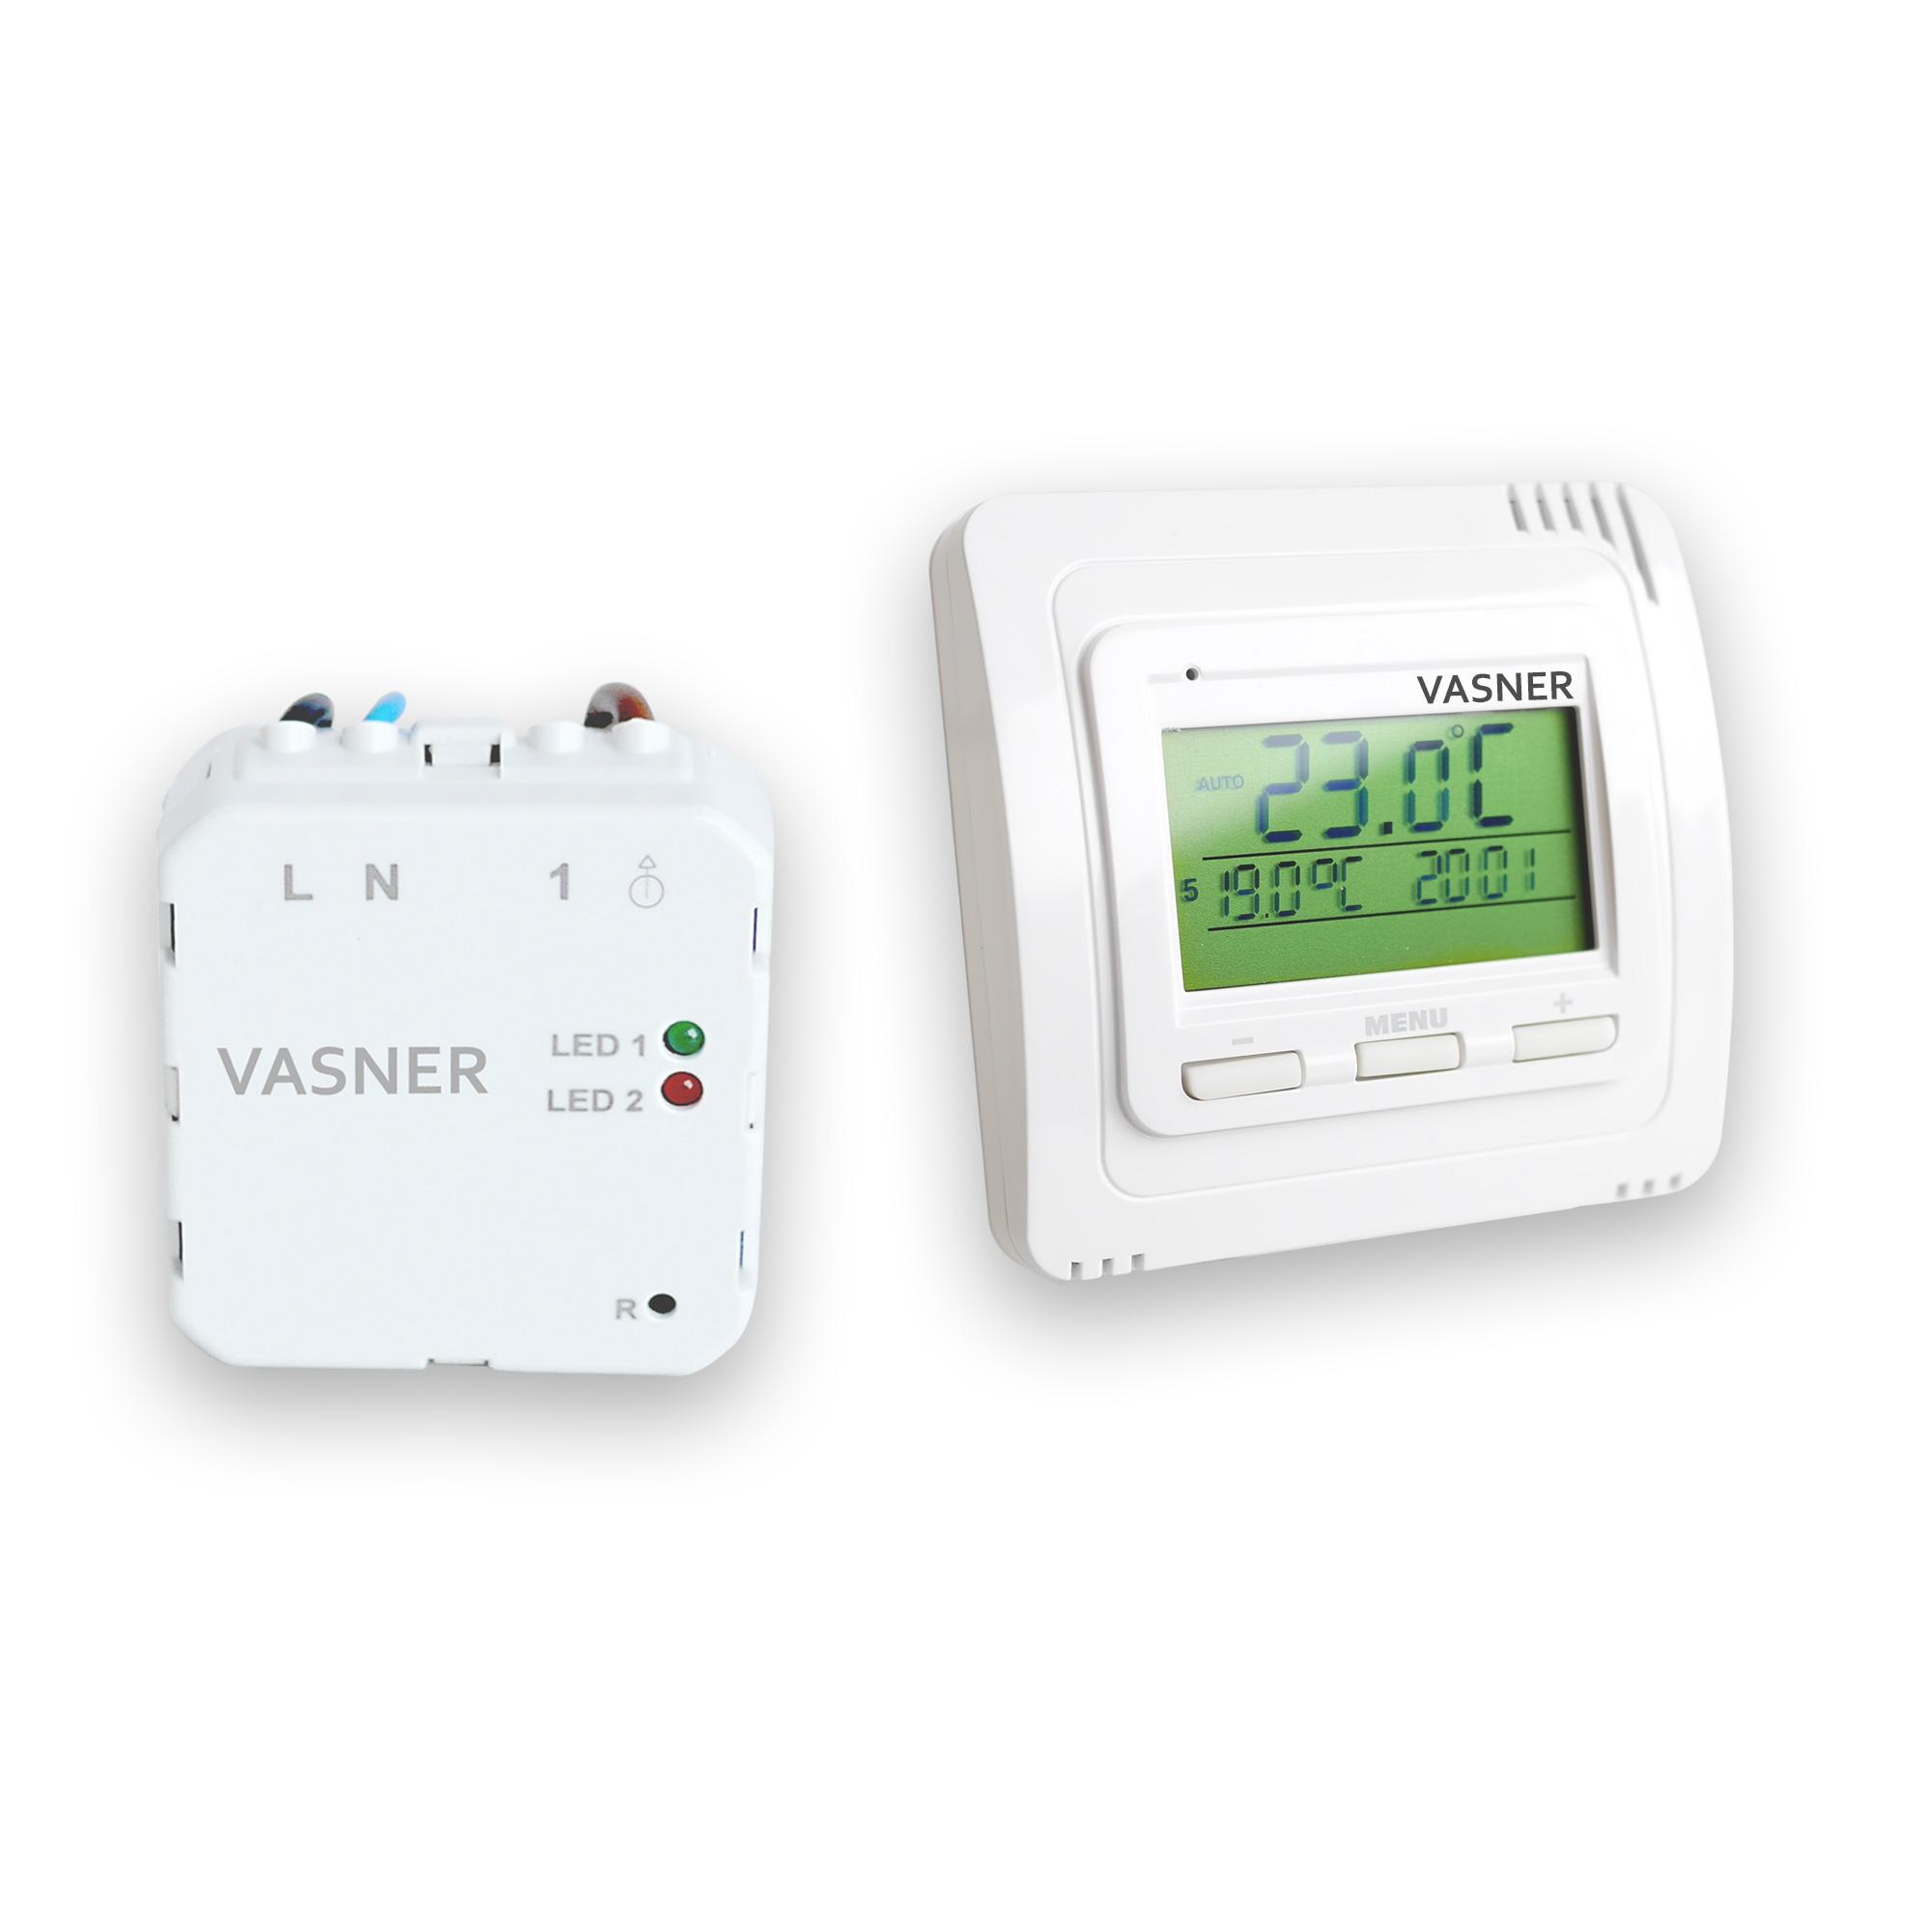 Schreibtisch Heizung Thermostat zur effizienten Steuerung der Infrarotheizung